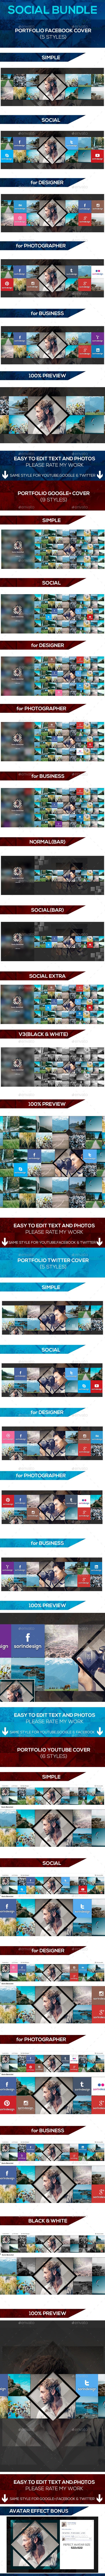 GraphicRiver Portfolio Social Covers Bundle 8859200